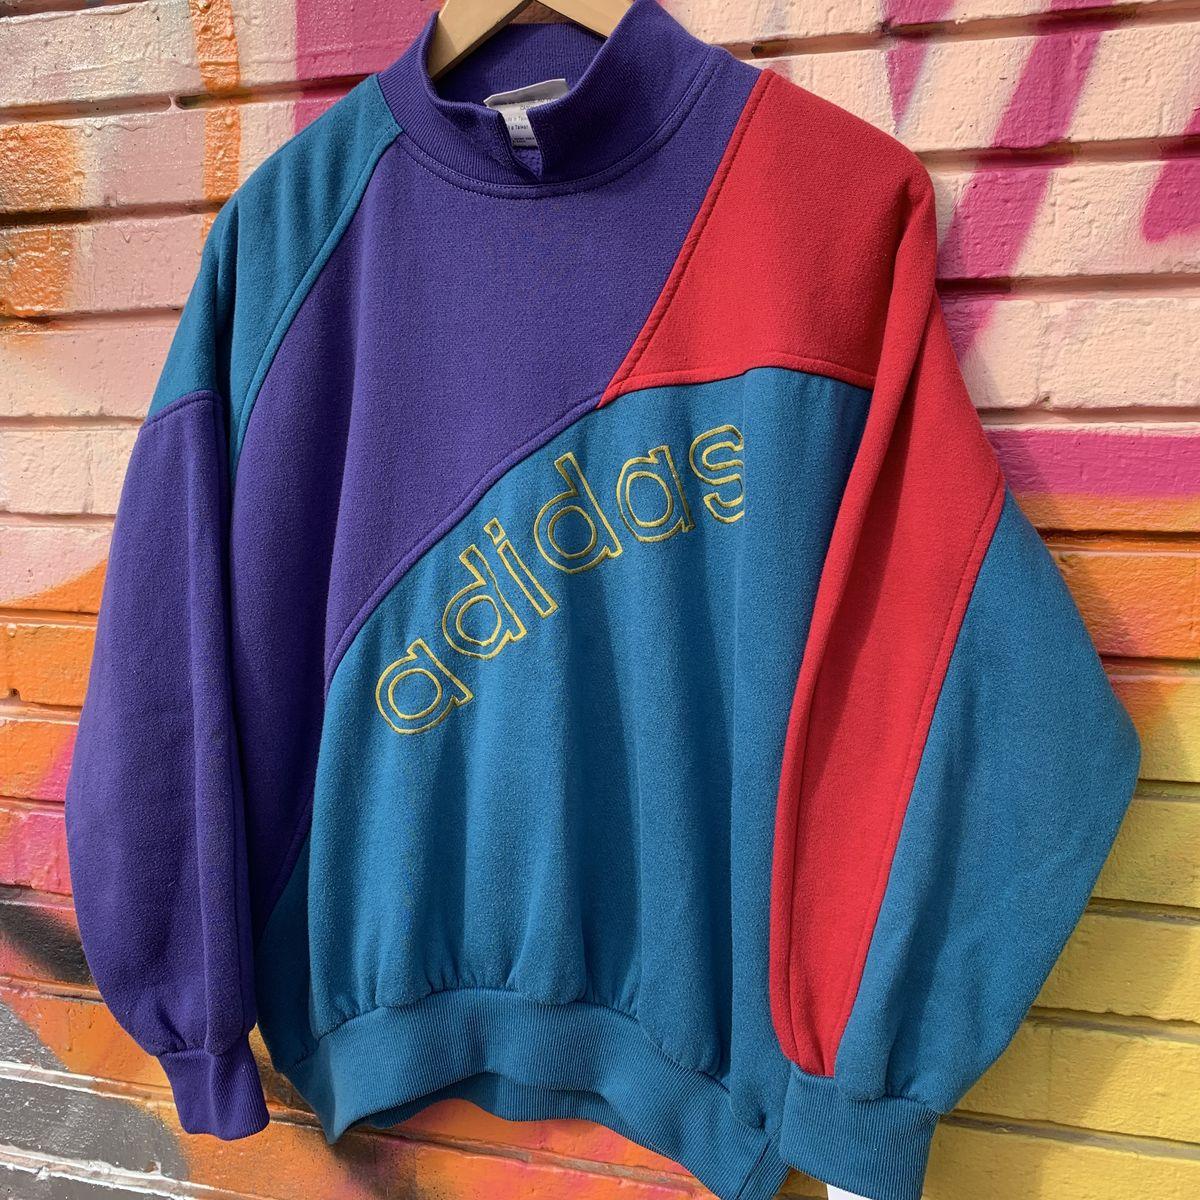 Vintage Vintage Sweatshirt Adidas Sweatshirt Adidas Adidas Vintage Vintage Sweatshirt W29bDHeYEI